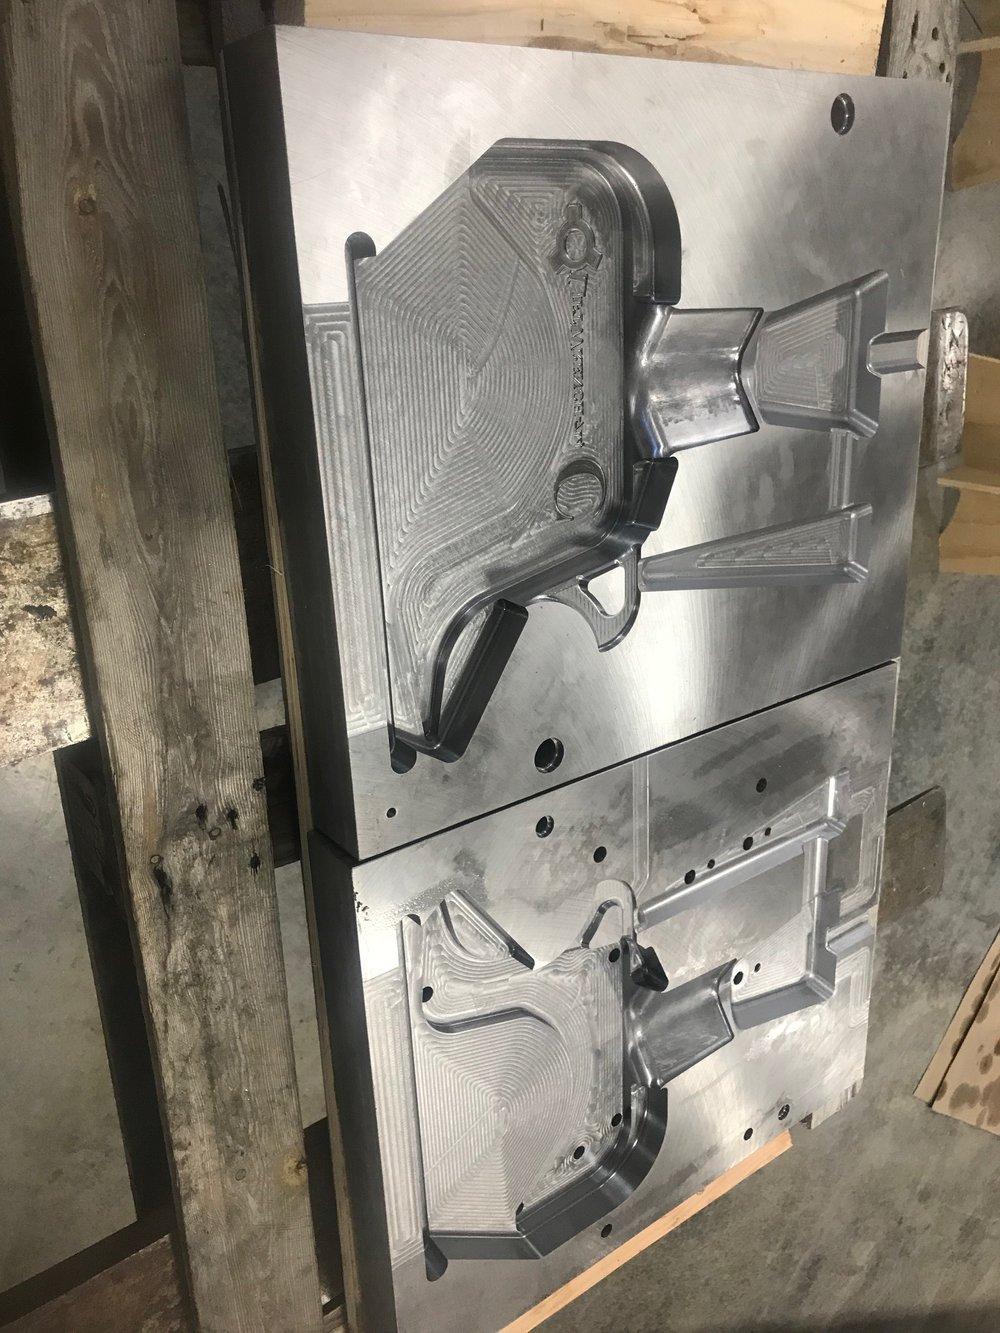 wrench 1.jpg